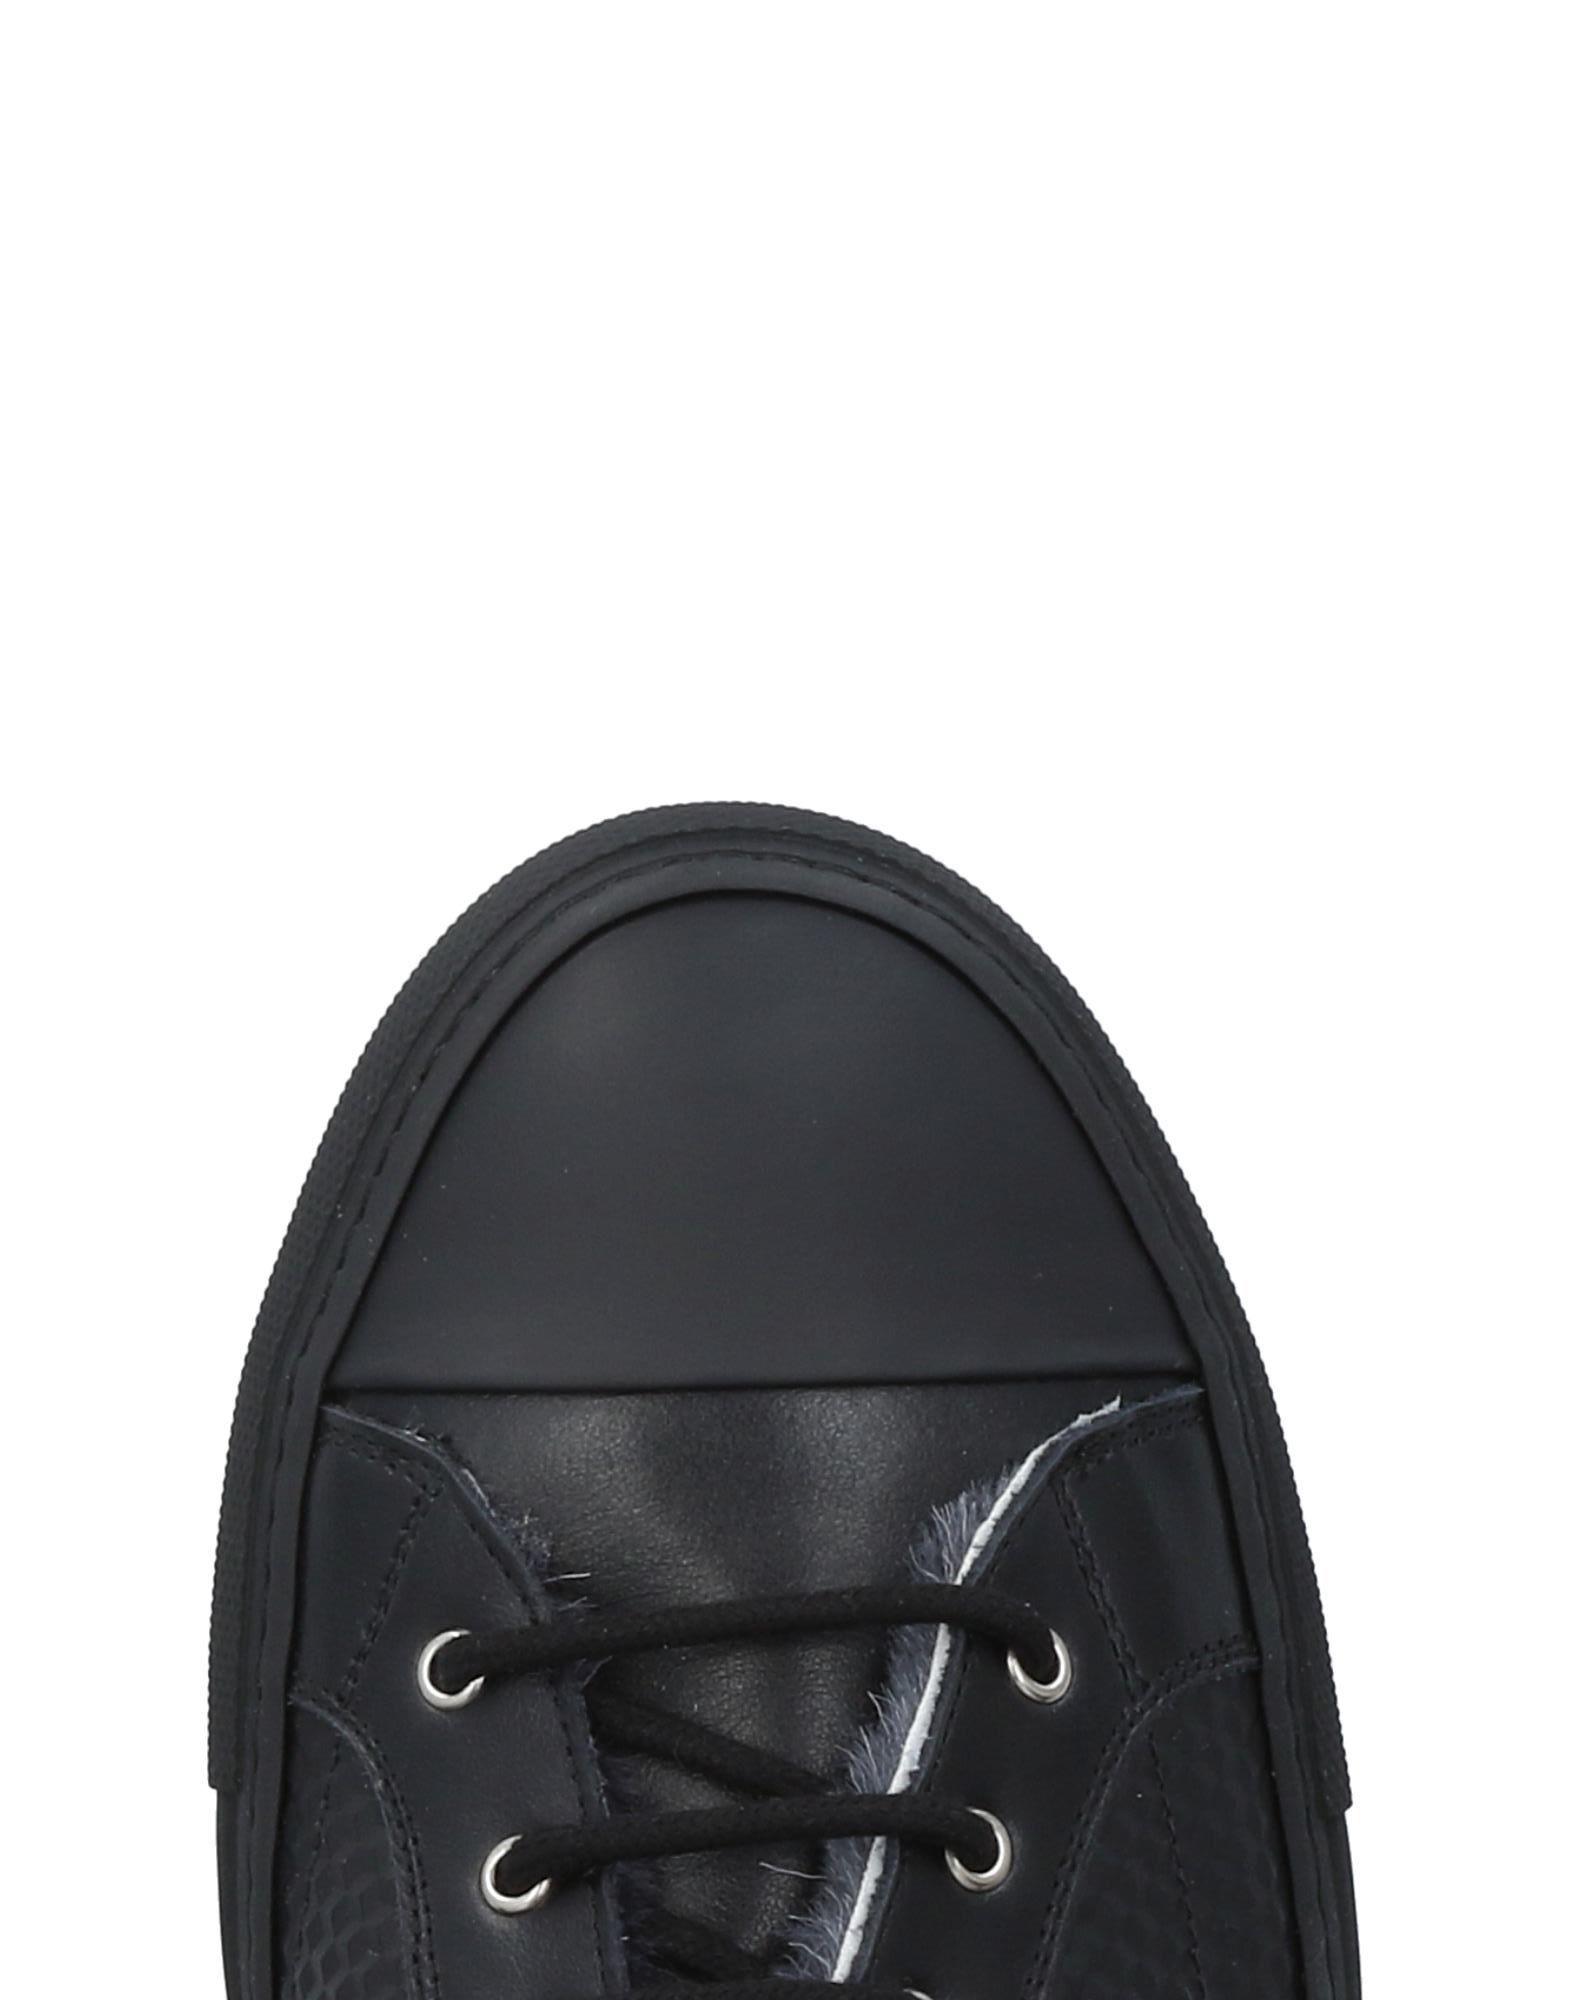 Sneakers Giovanni Conti - Uomo - Conti 11471624XH d51af0